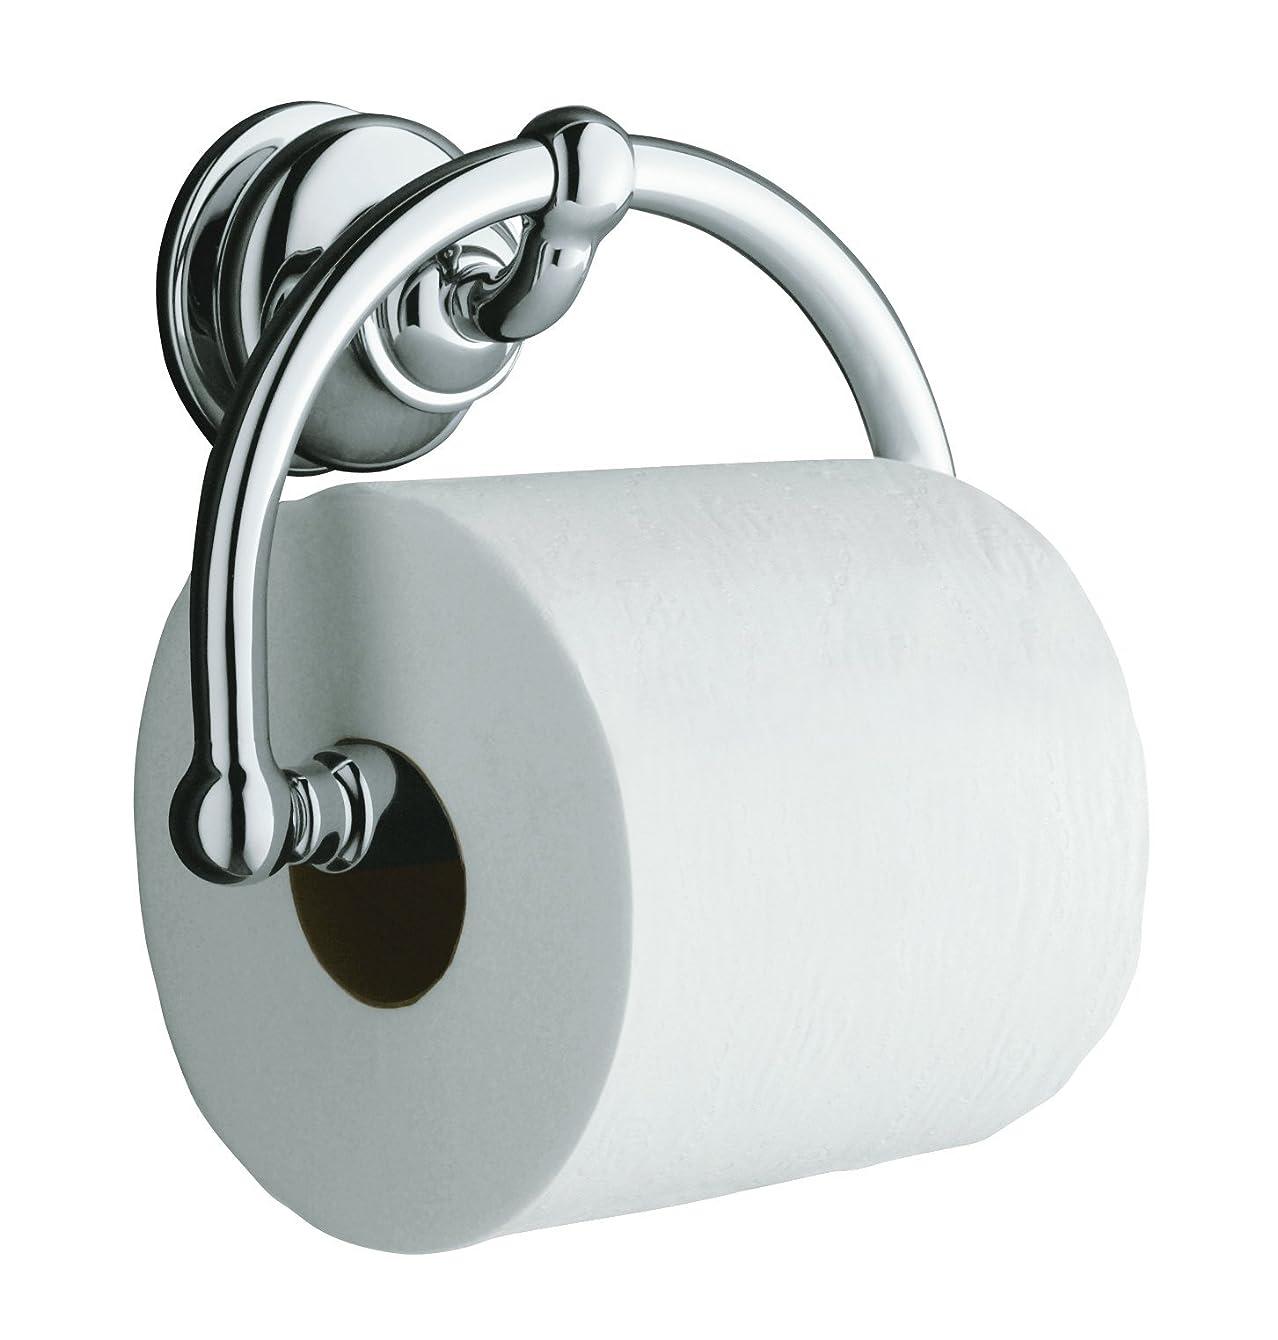 KOHLER K-12157-CP Fairfax Toilet Tissue Holder, Polished Chrome